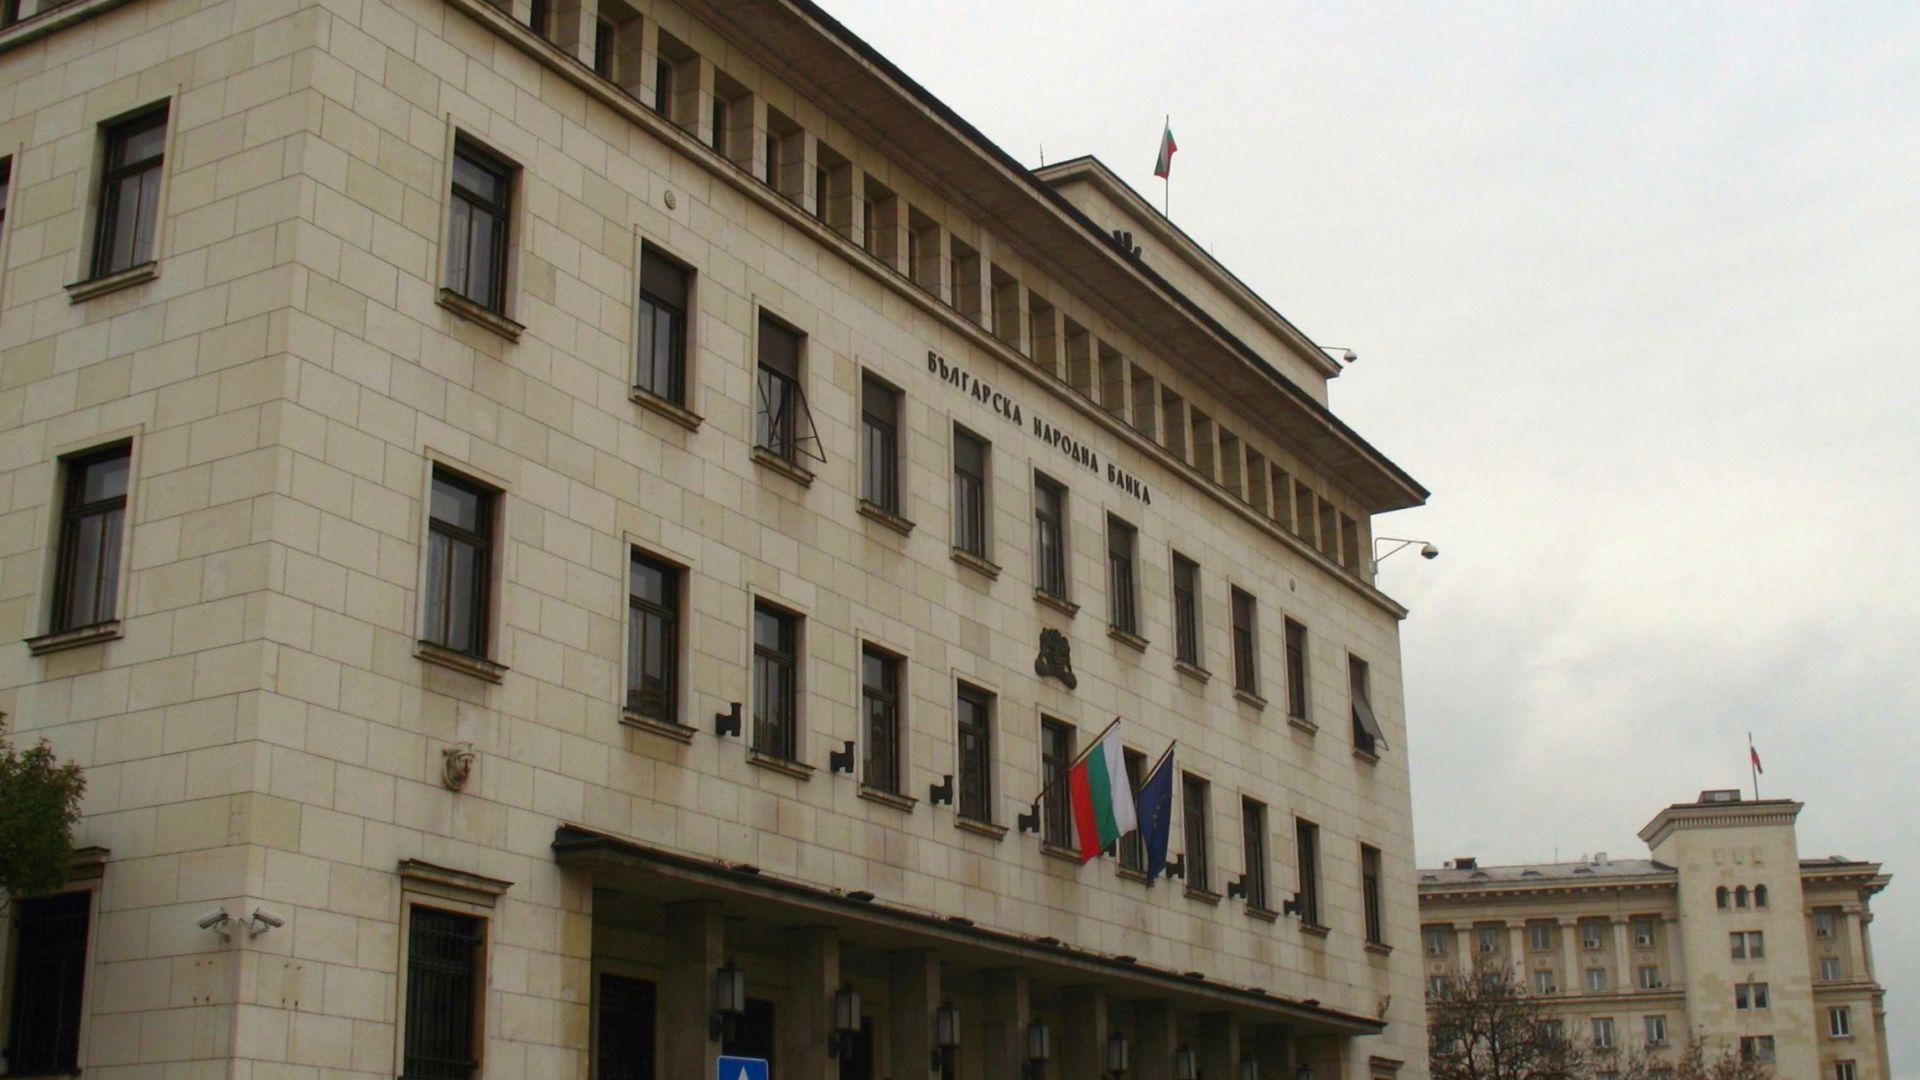 През януари: Преките инвестиции у нас намаляват с 427 милиона евро